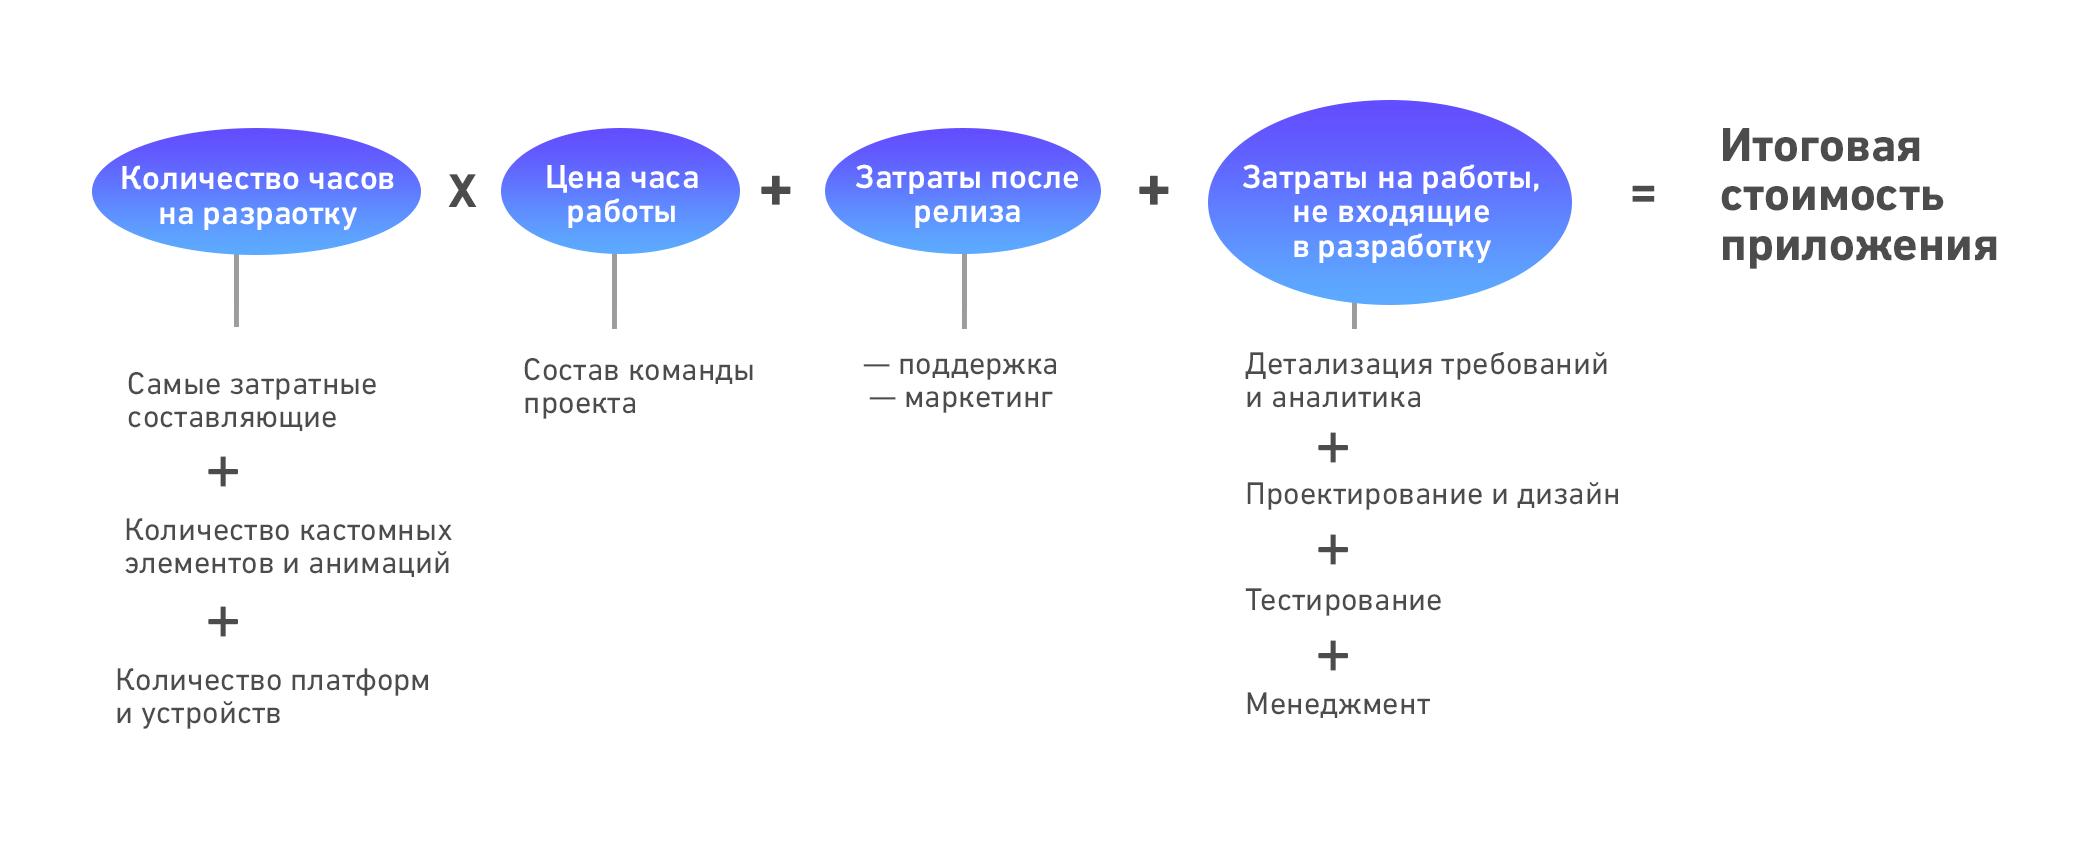 Железо, гаджеты, софт: Схема, показывающая, из чего складывается стоимость